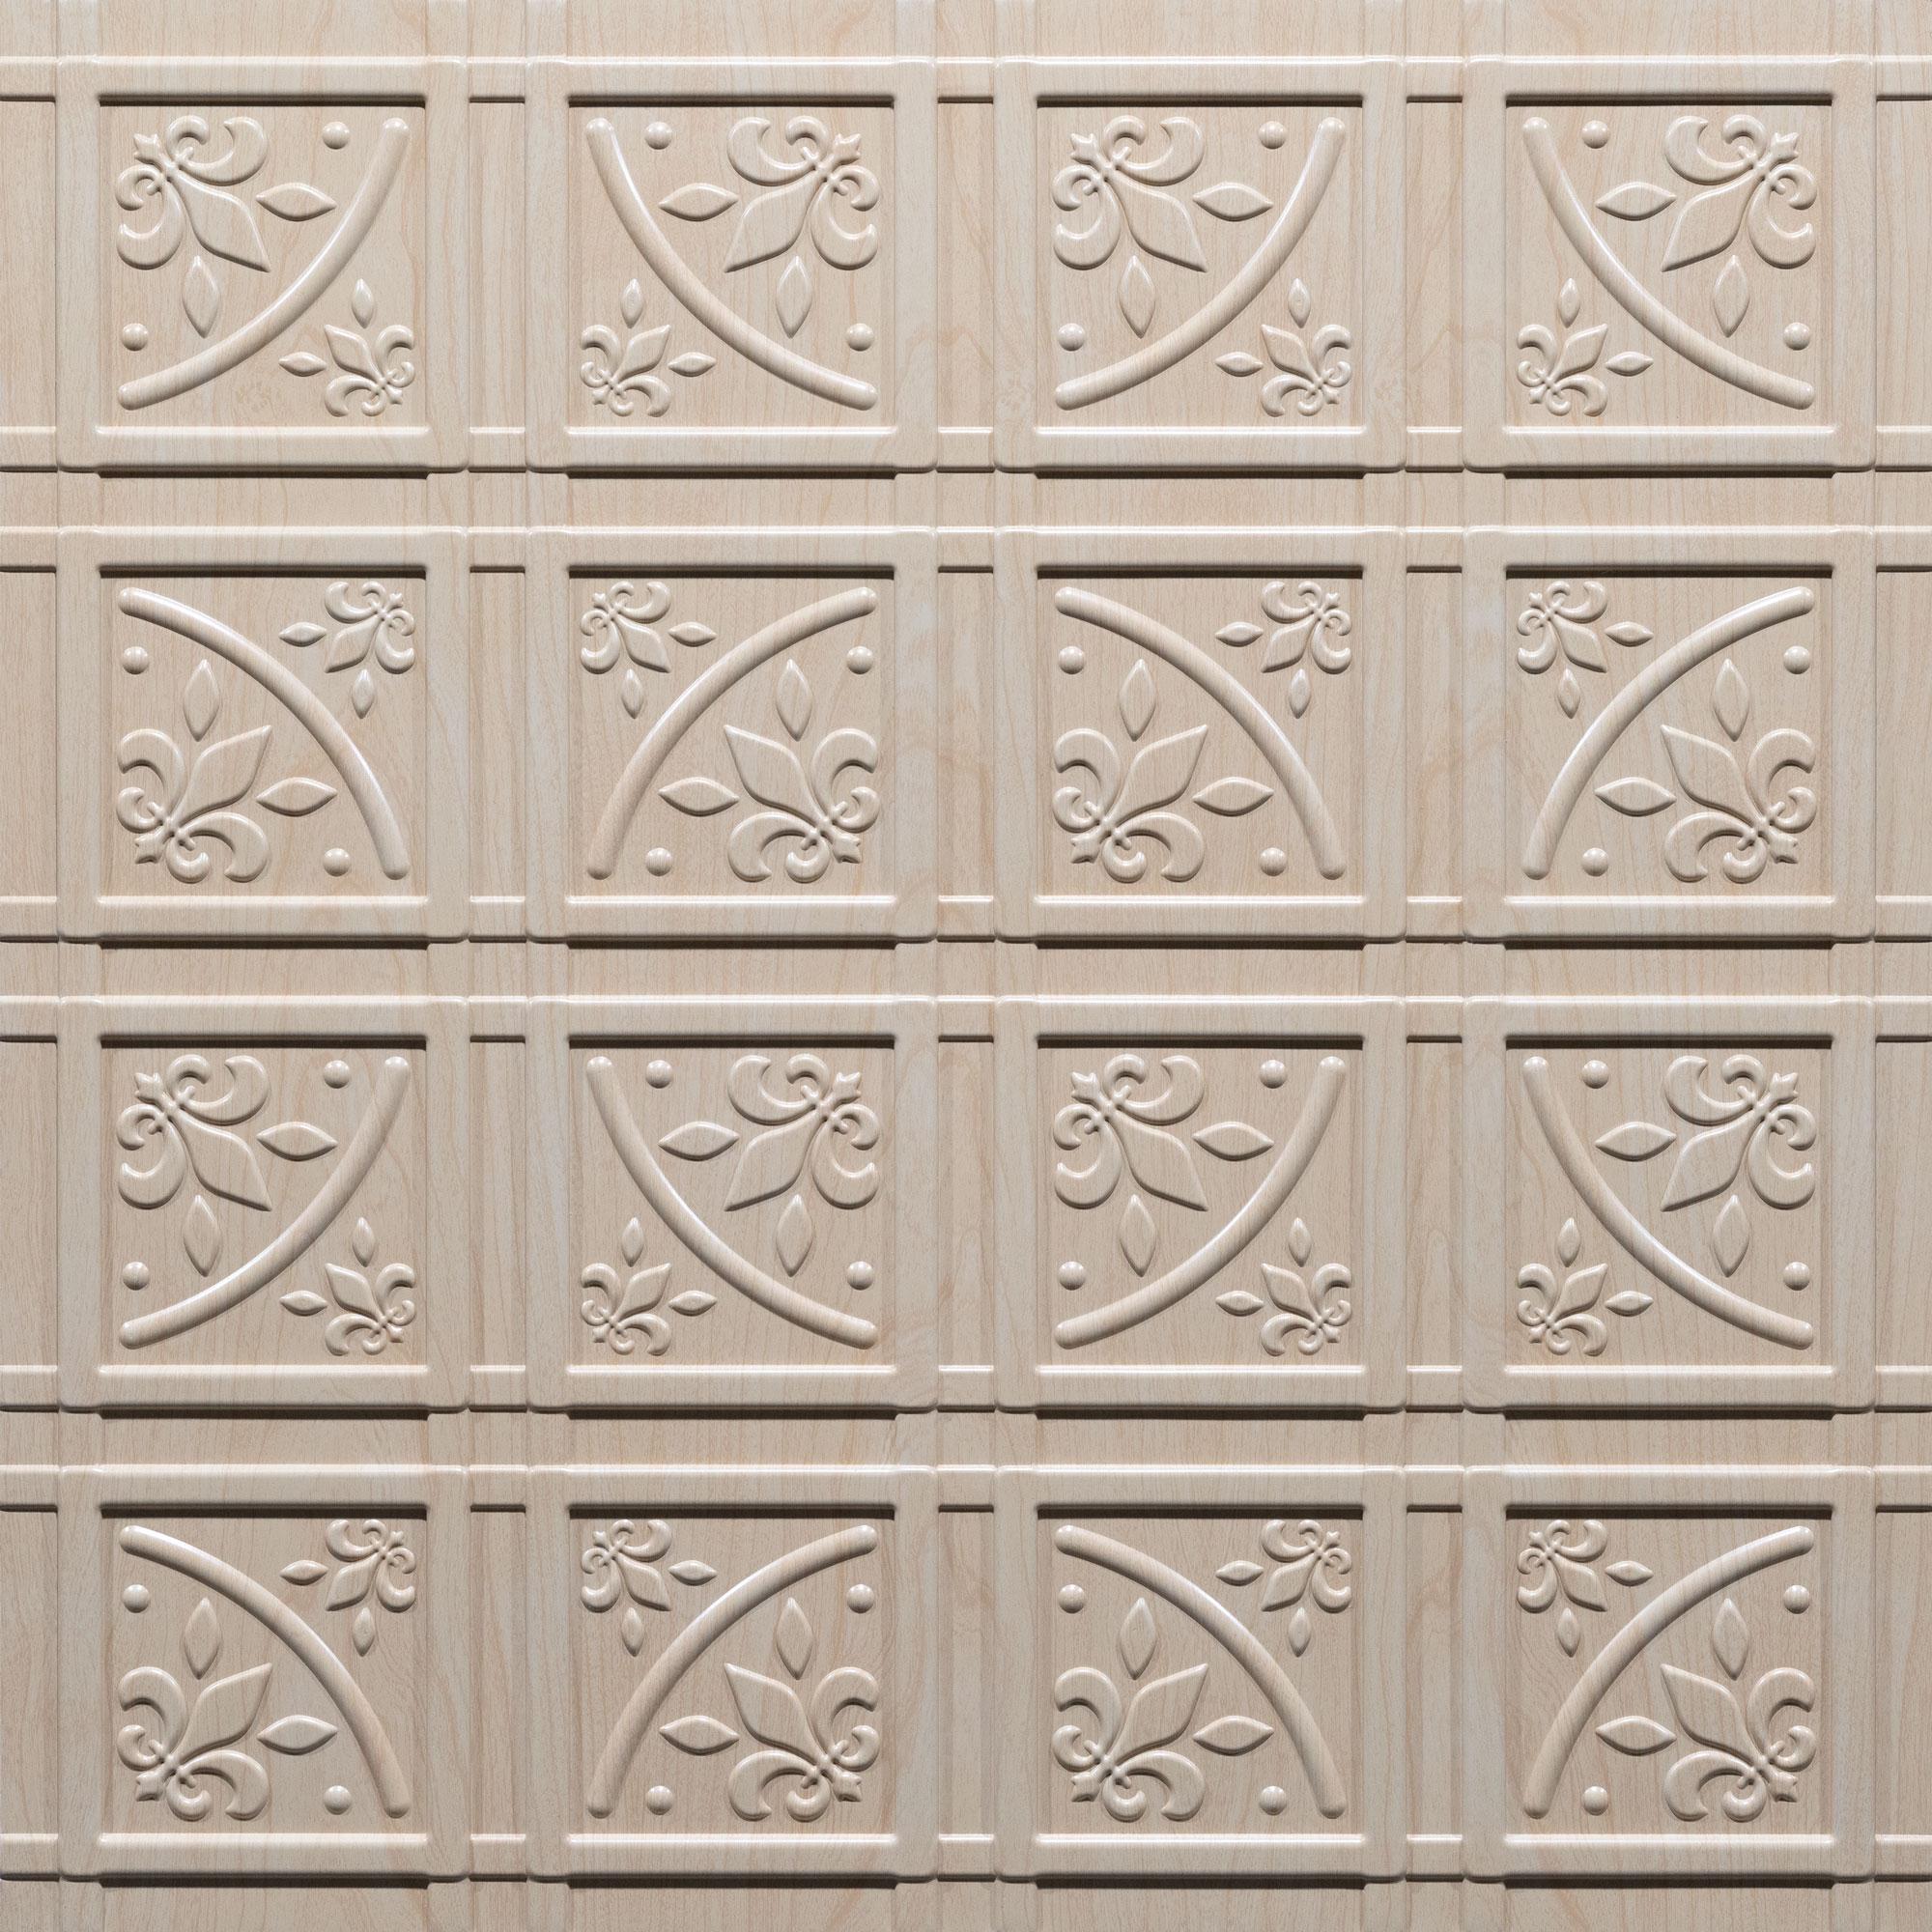 Lafayette Ceiling Tiles